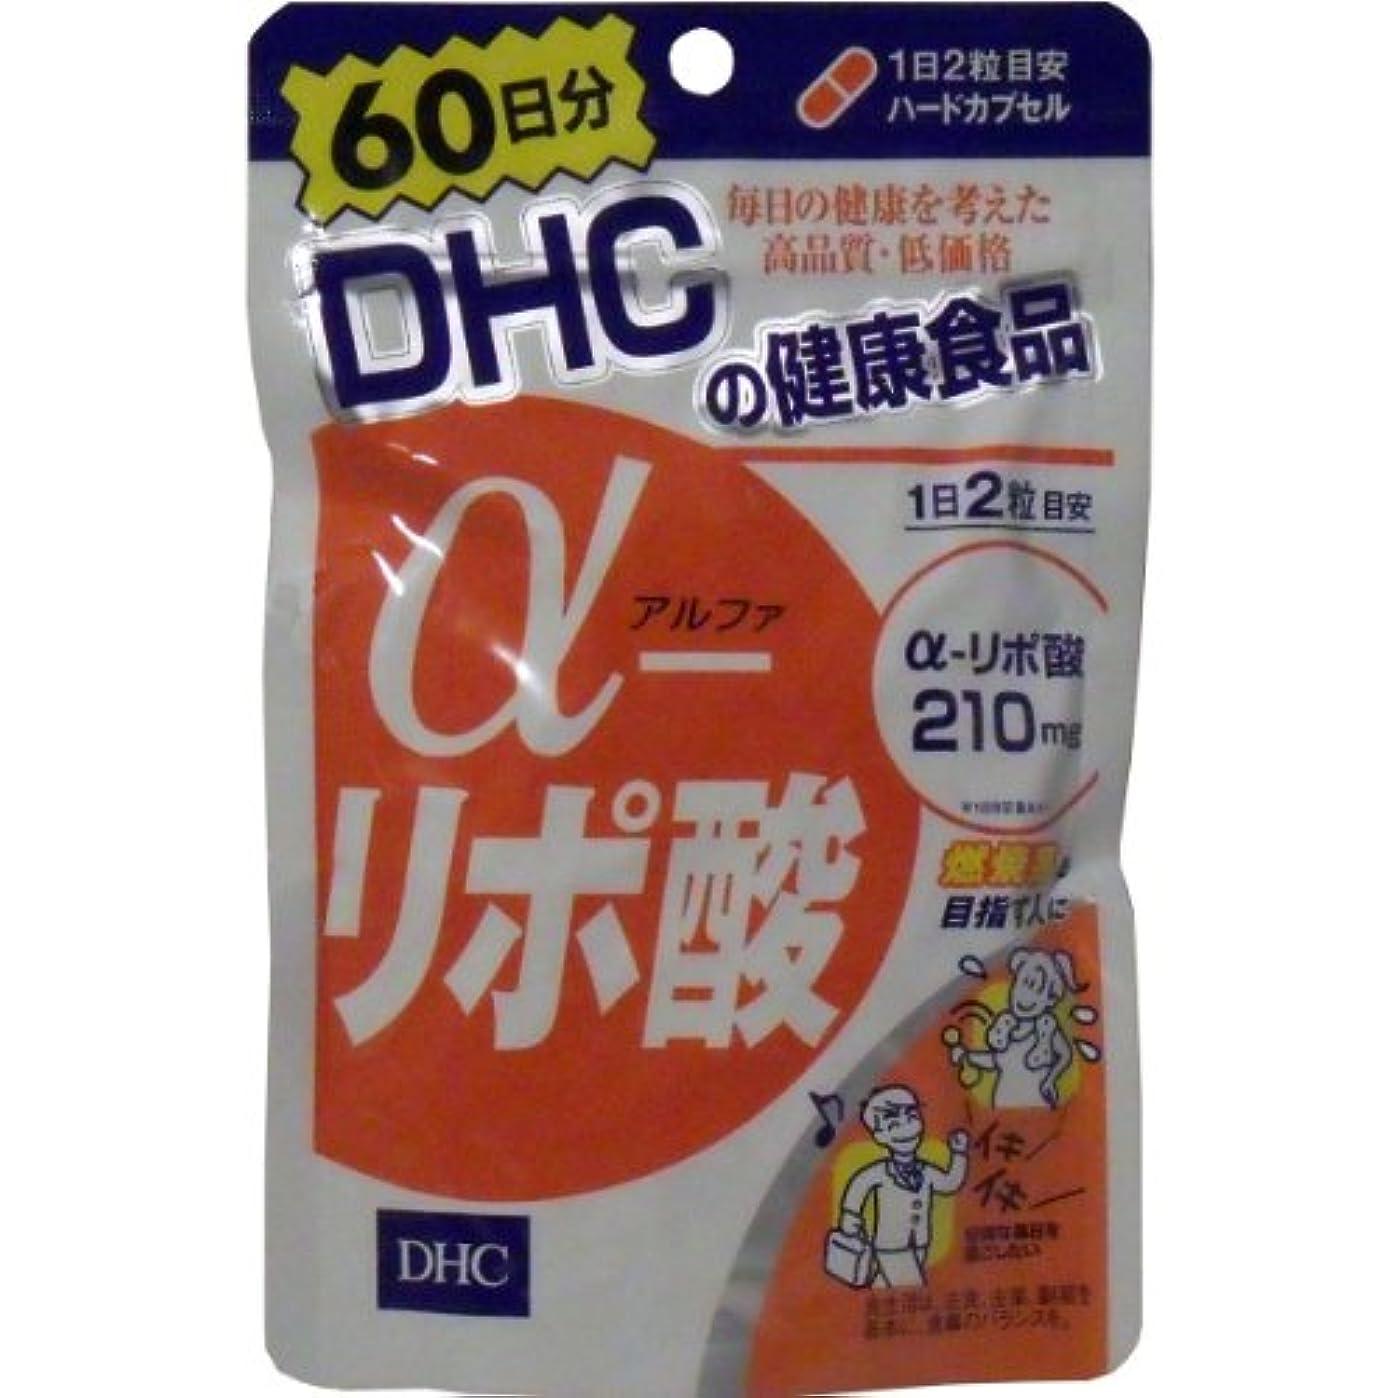 実行可能スリンクこどもの宮殿DHC α-リポ酸 α-リポ酸は、もともと体内にあるエネルギー活性成分 120粒 60日分 【5個セット】